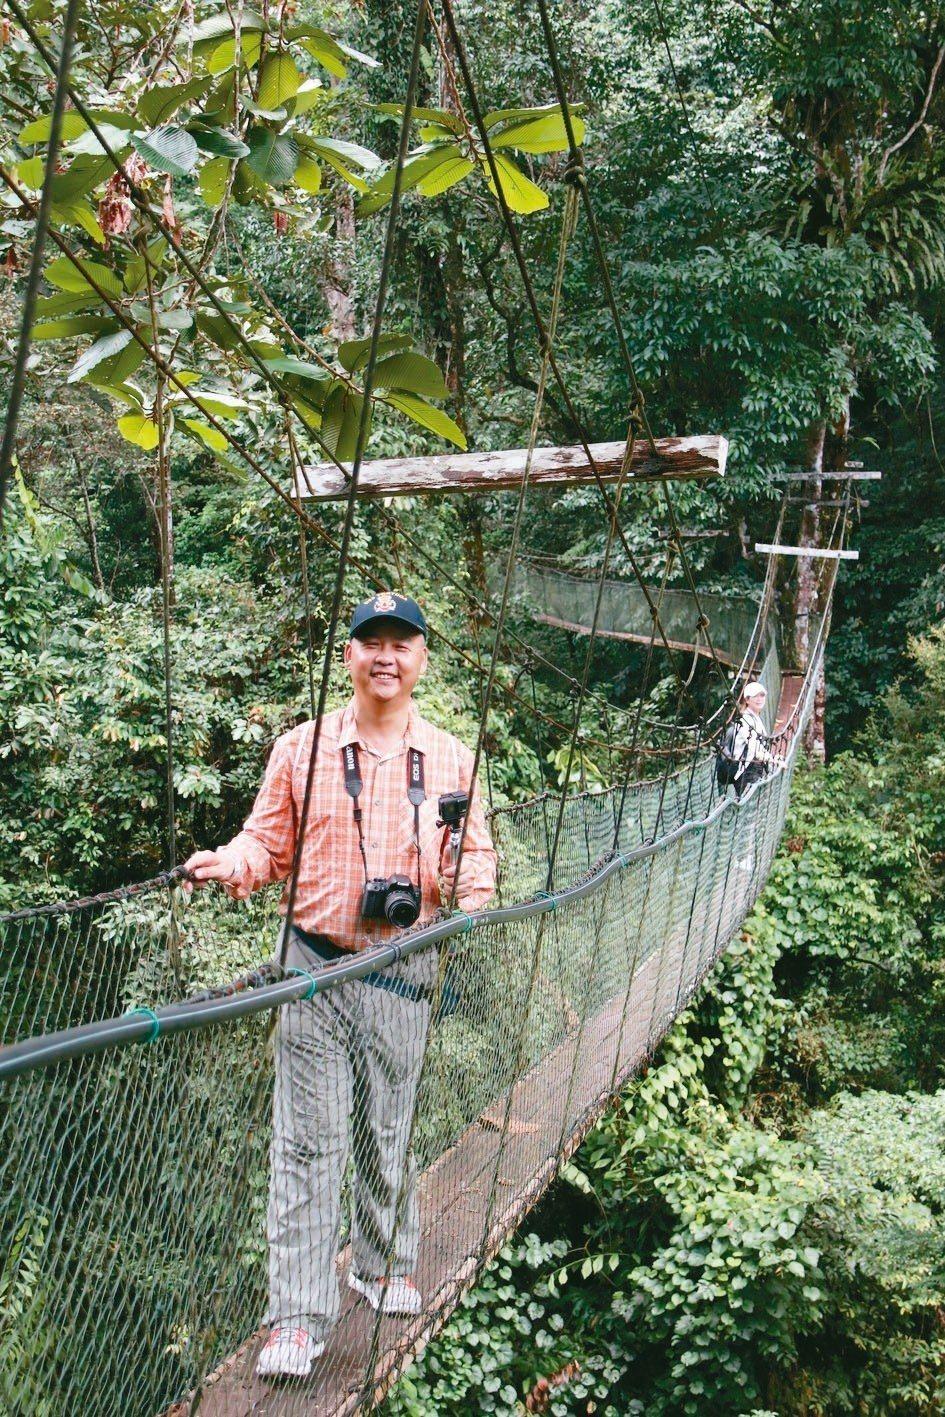 極光旅行社總經理何烱維說,國家公園極重視體驗的安全性,樹頂吊橋一次只容許兩人行走...